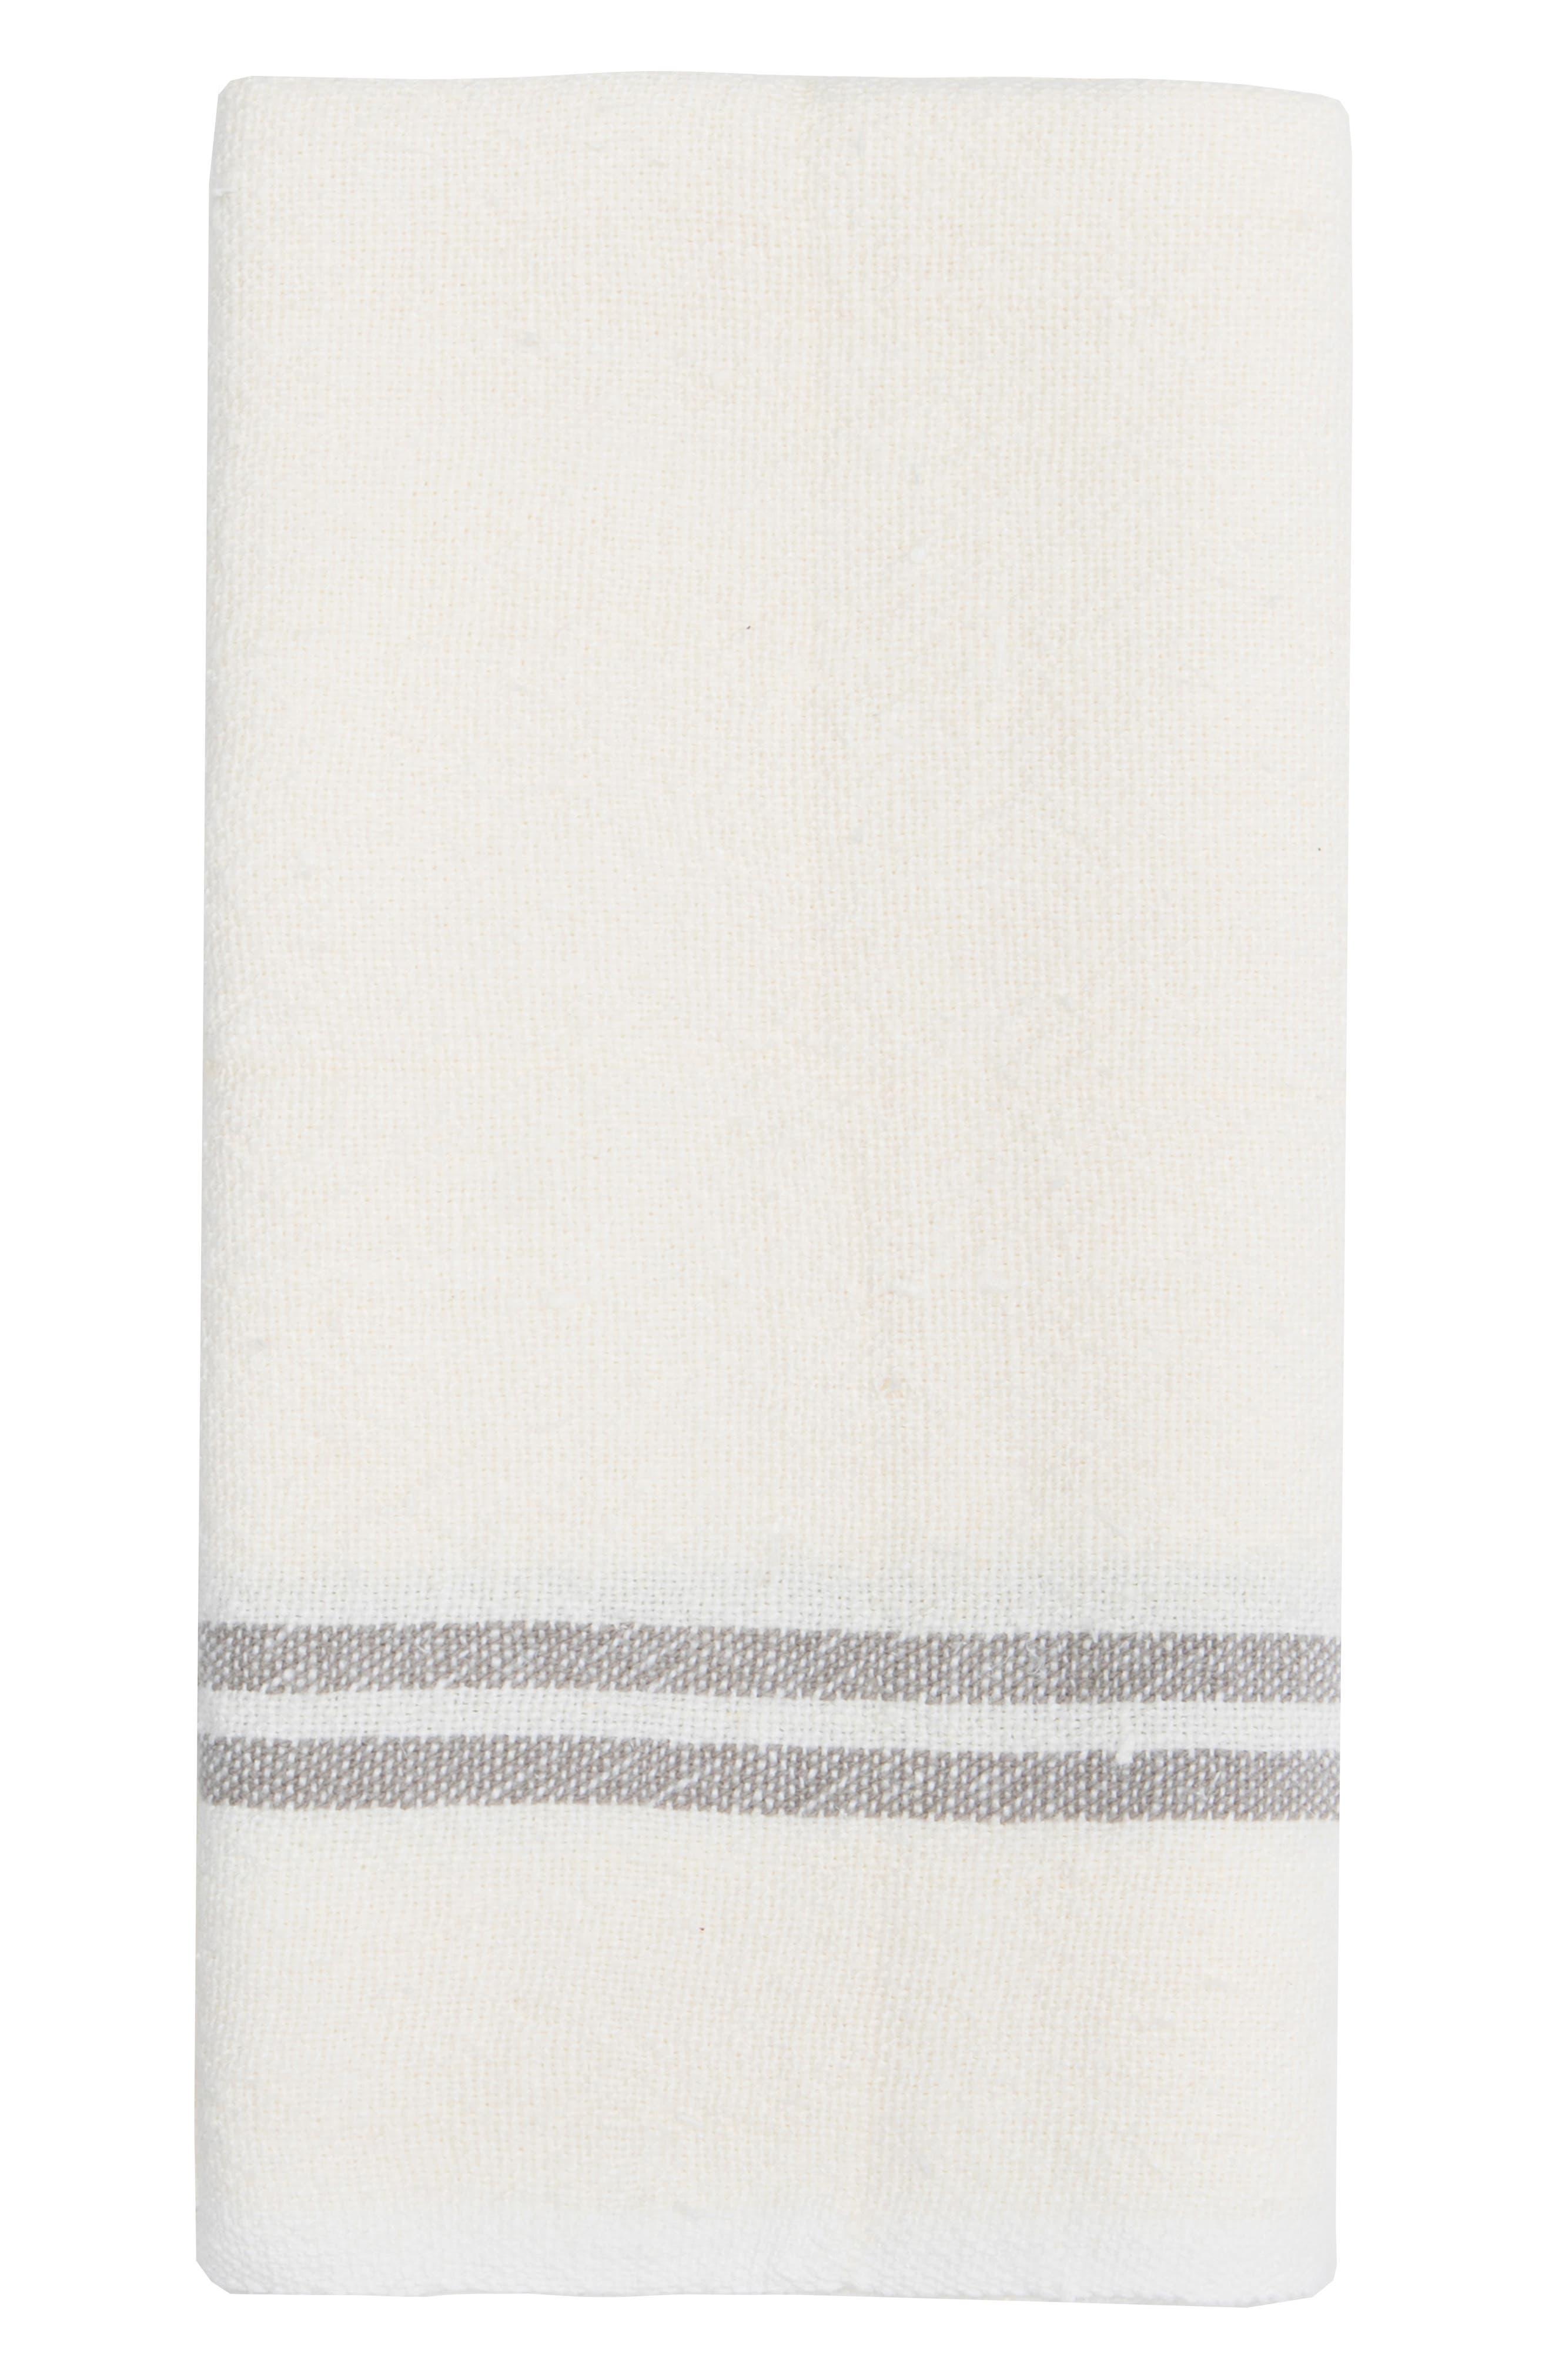 Caravan Set Of 2 Vintage Linen Tea Towels Size One Size  White